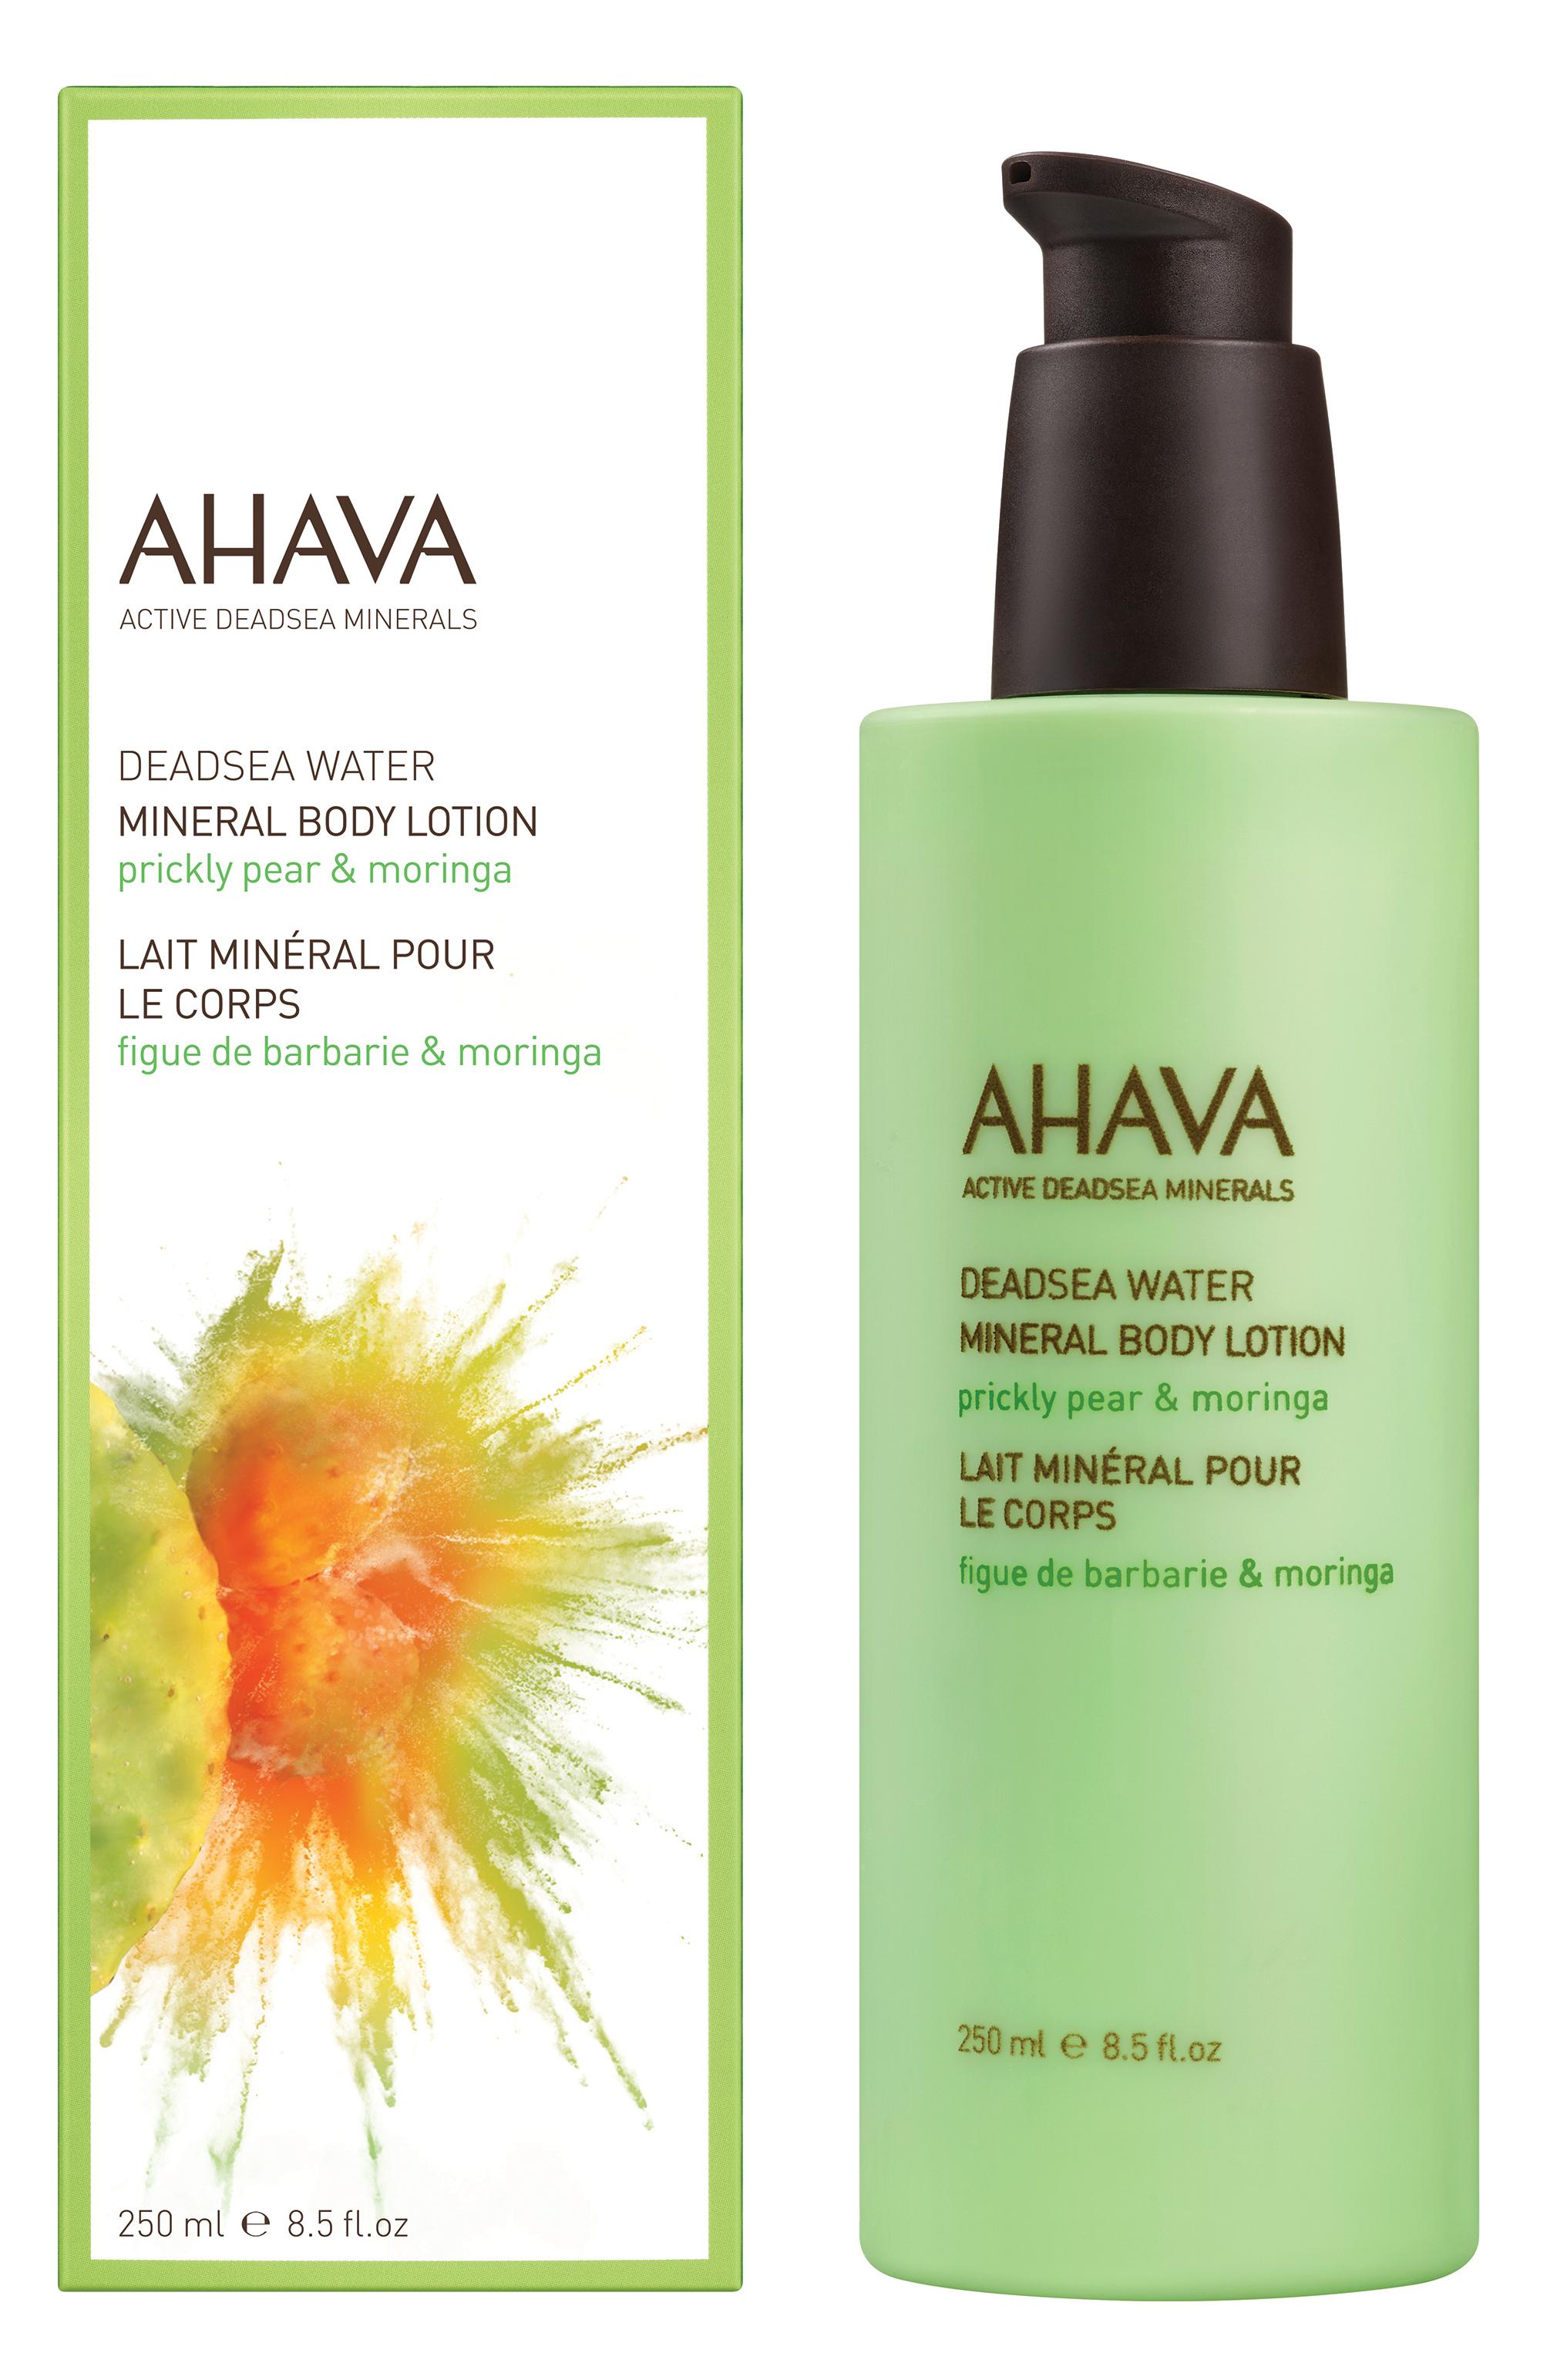 AHAVA Крем минеральный для тела, опунция и моринга / Deadsea Water 250 мл -  Лосьоны